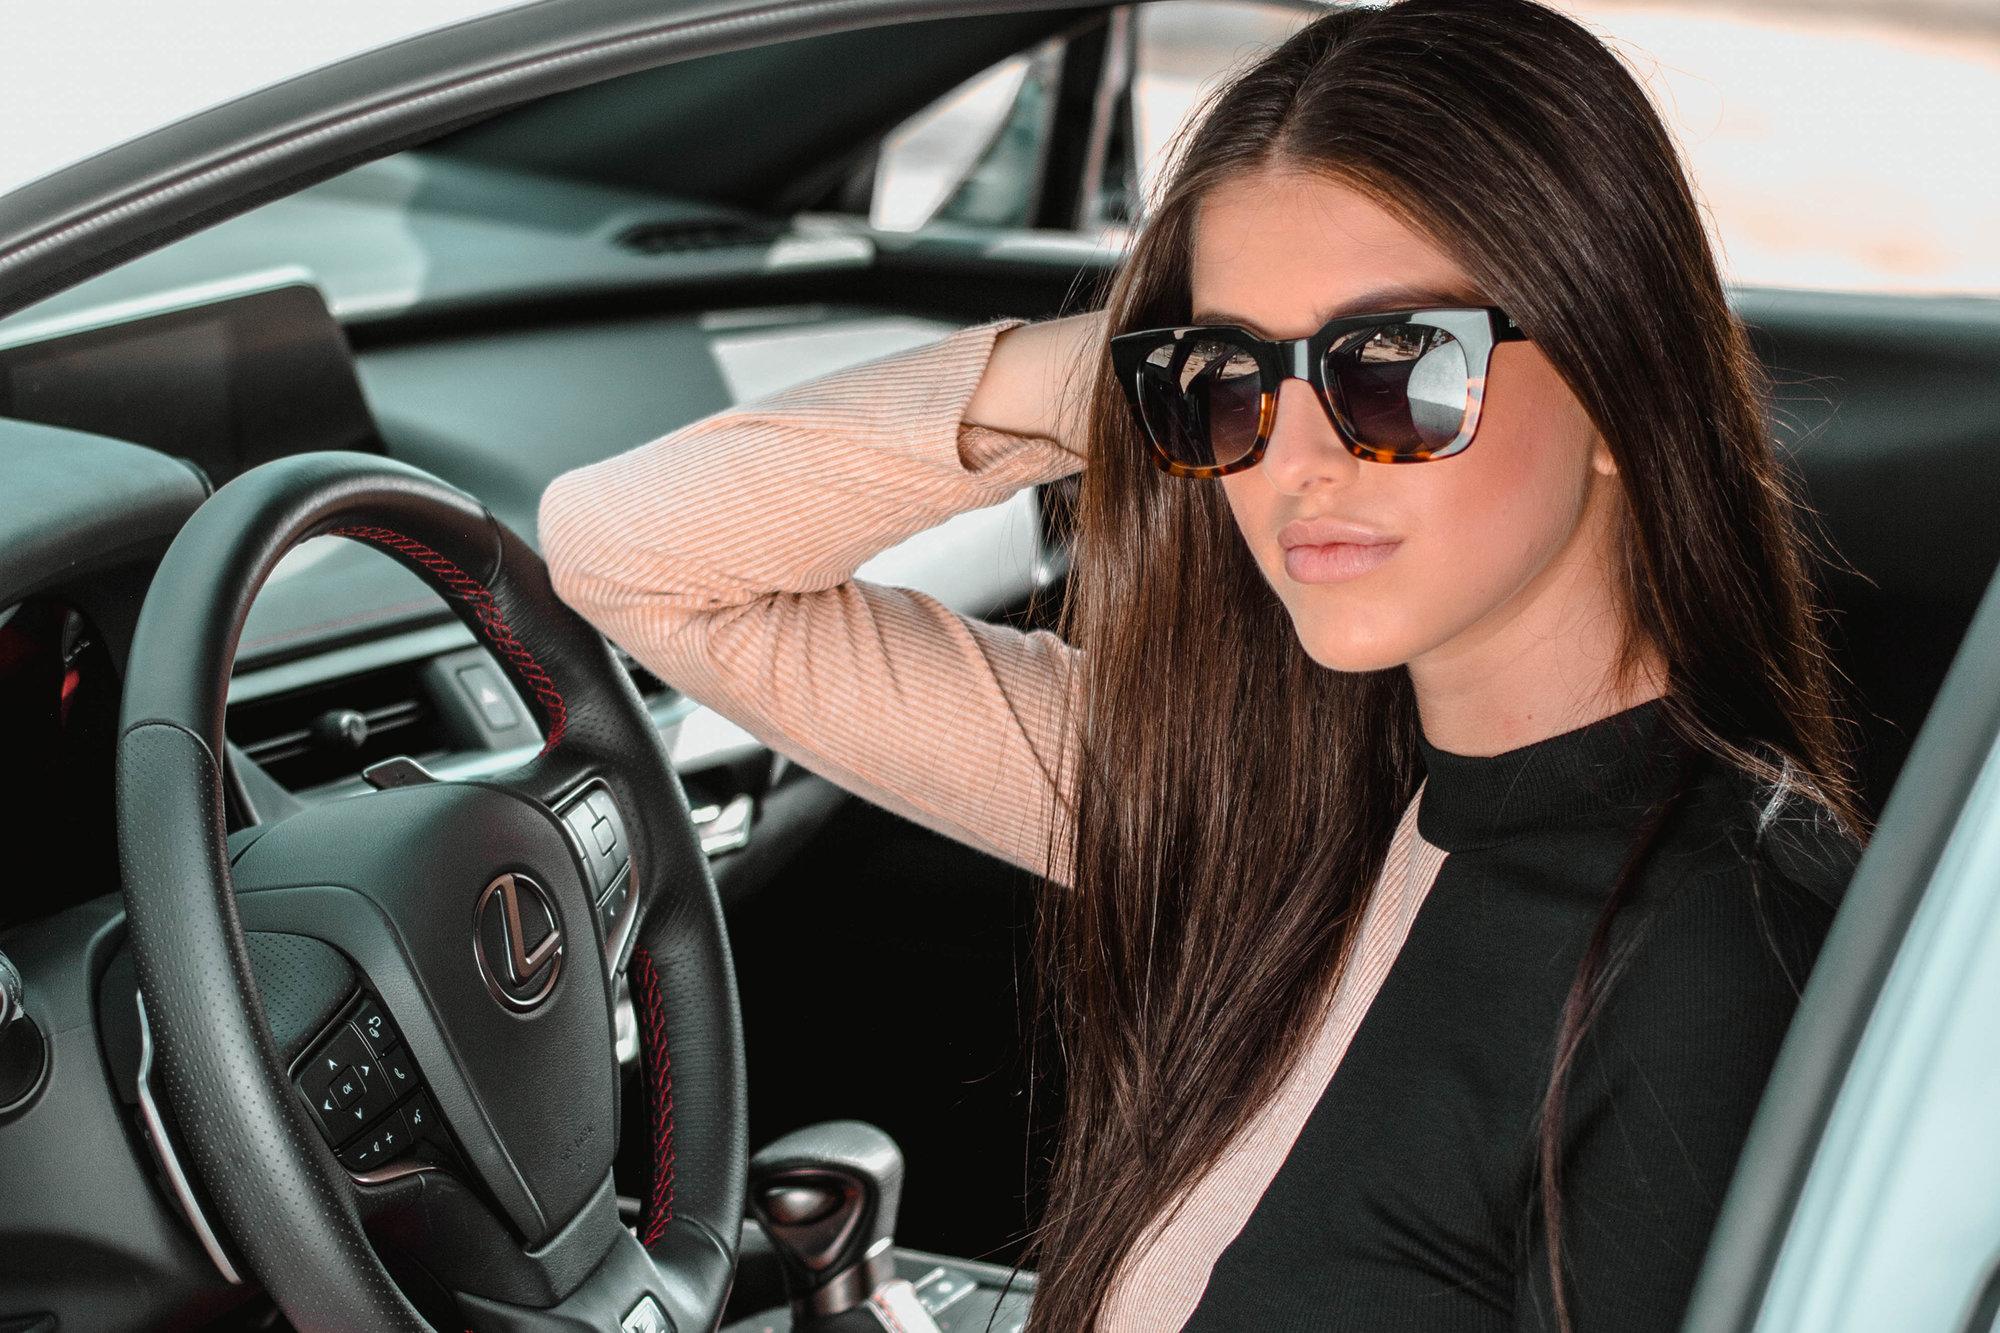 Razón Destruir suficiente  Hokana crea la colección Lexus de gafas de sol | Lexus Prensa